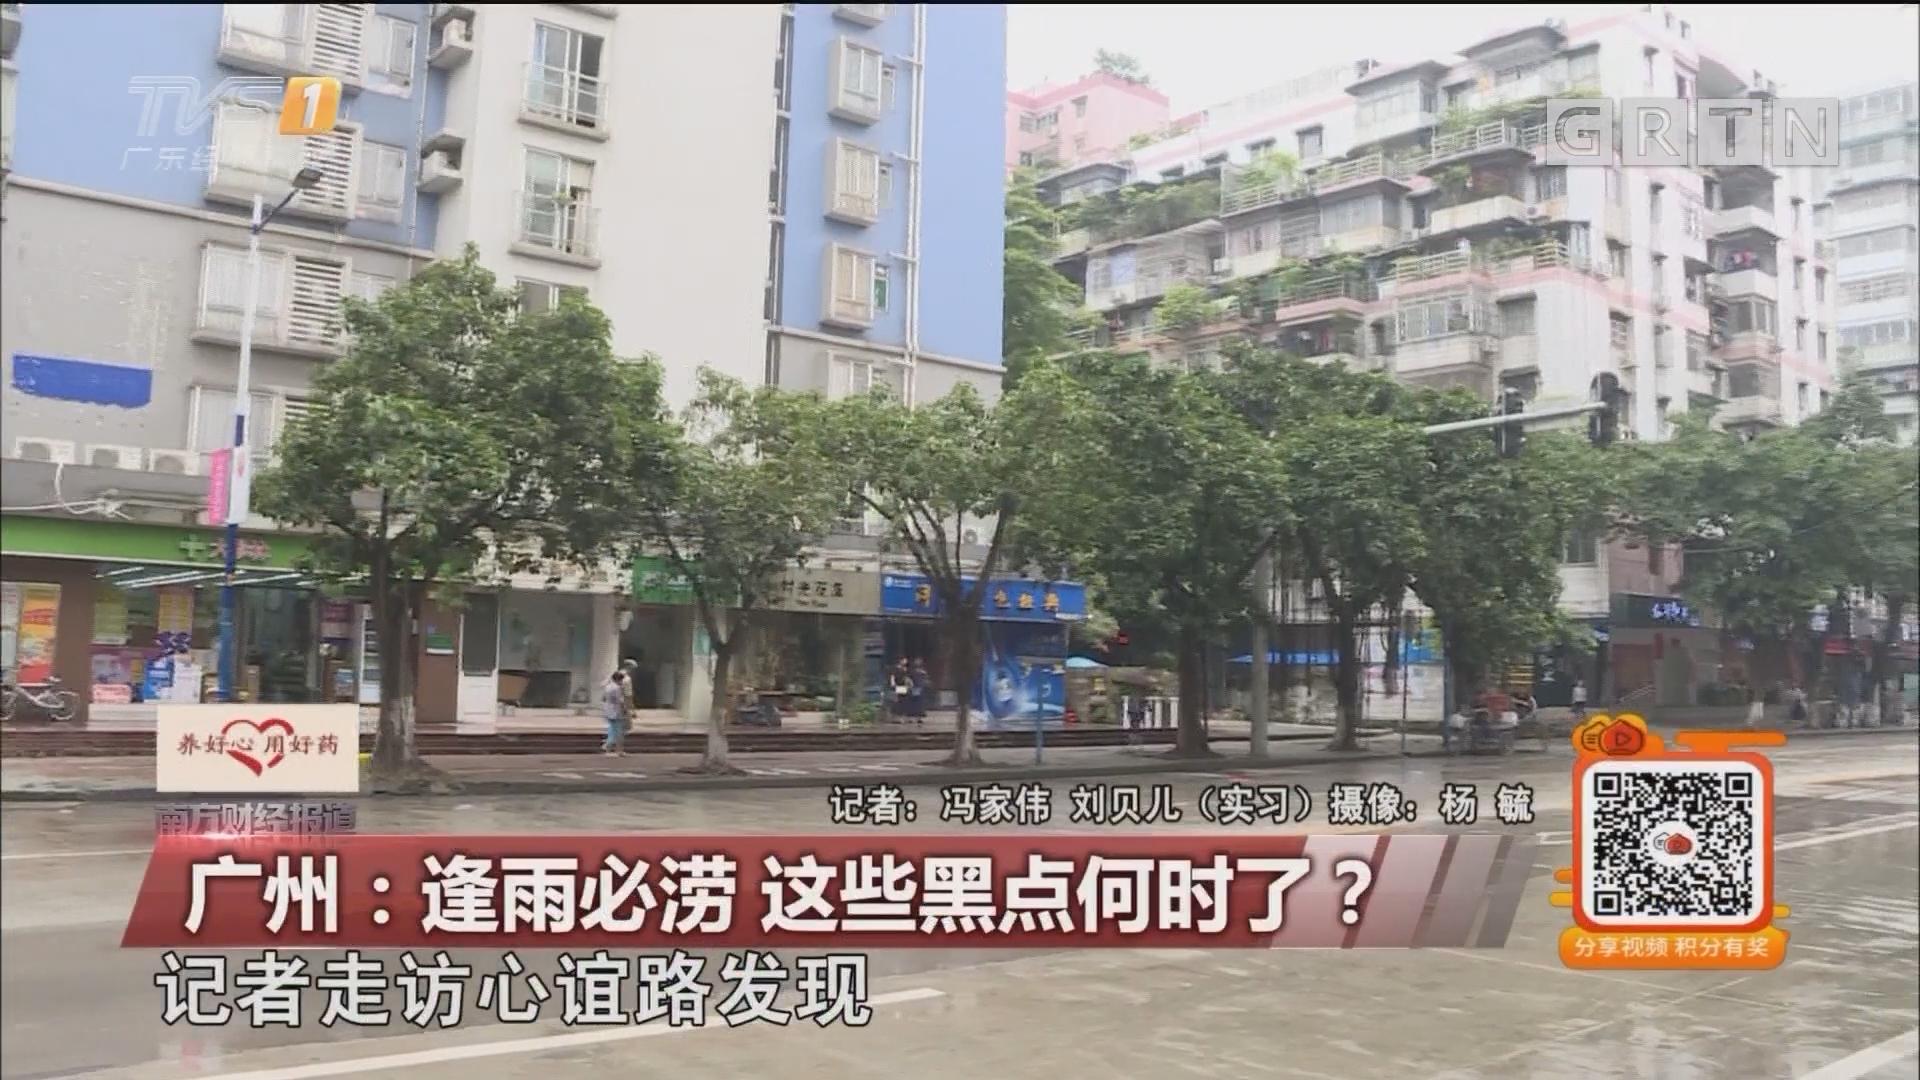 广州:逢雨必涝 这些黑点何时了?